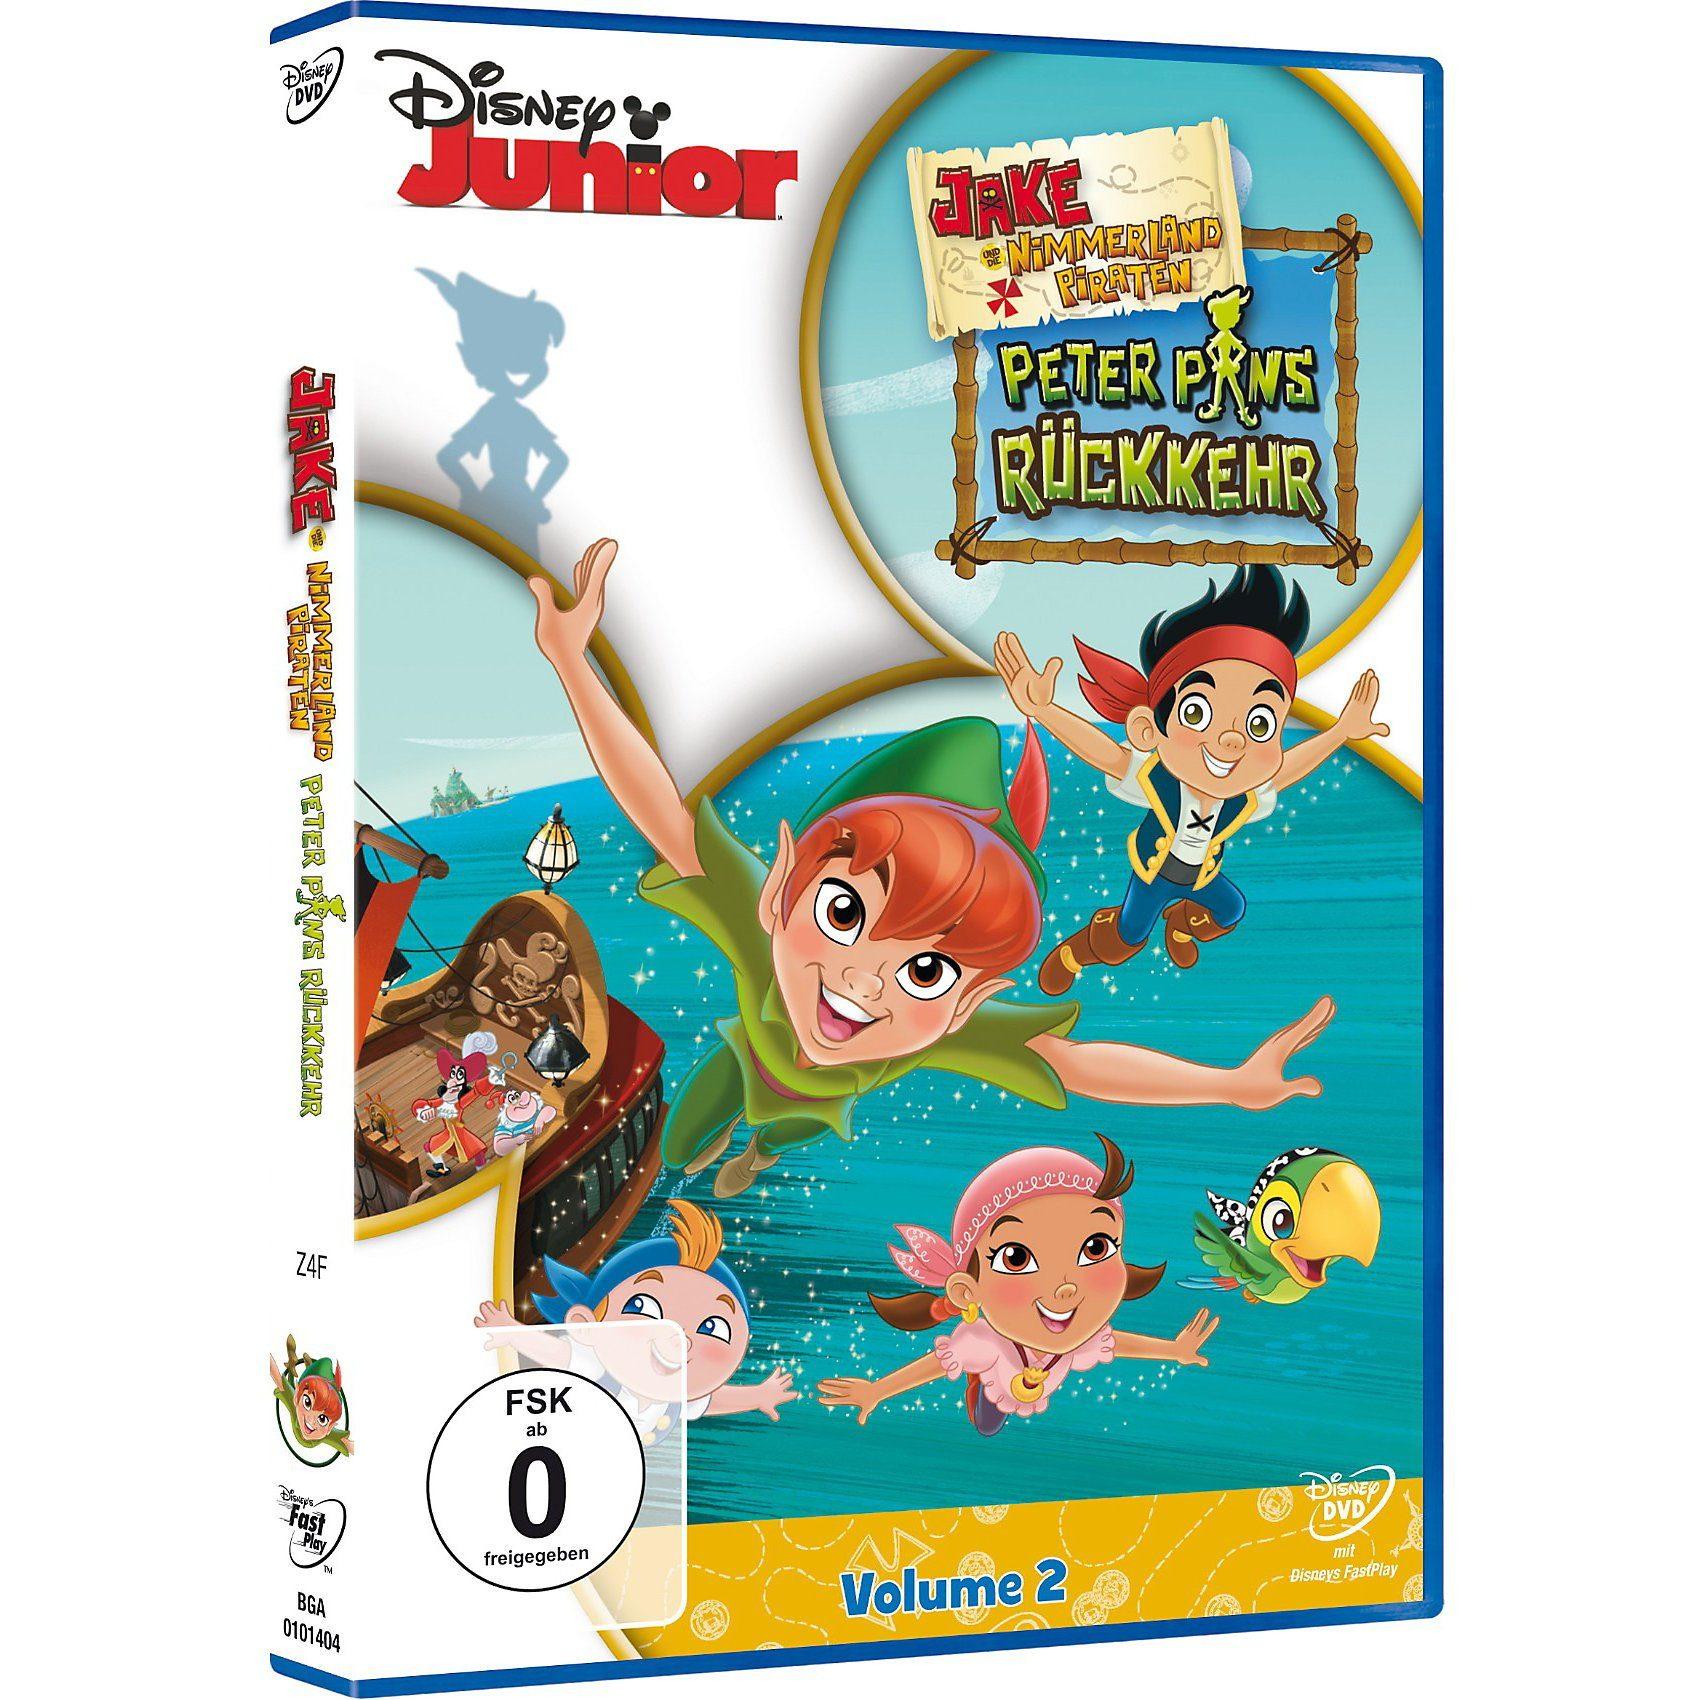 Disney DVD Jake und die Nimmerland Piraten: Peter Pans Rückkehr